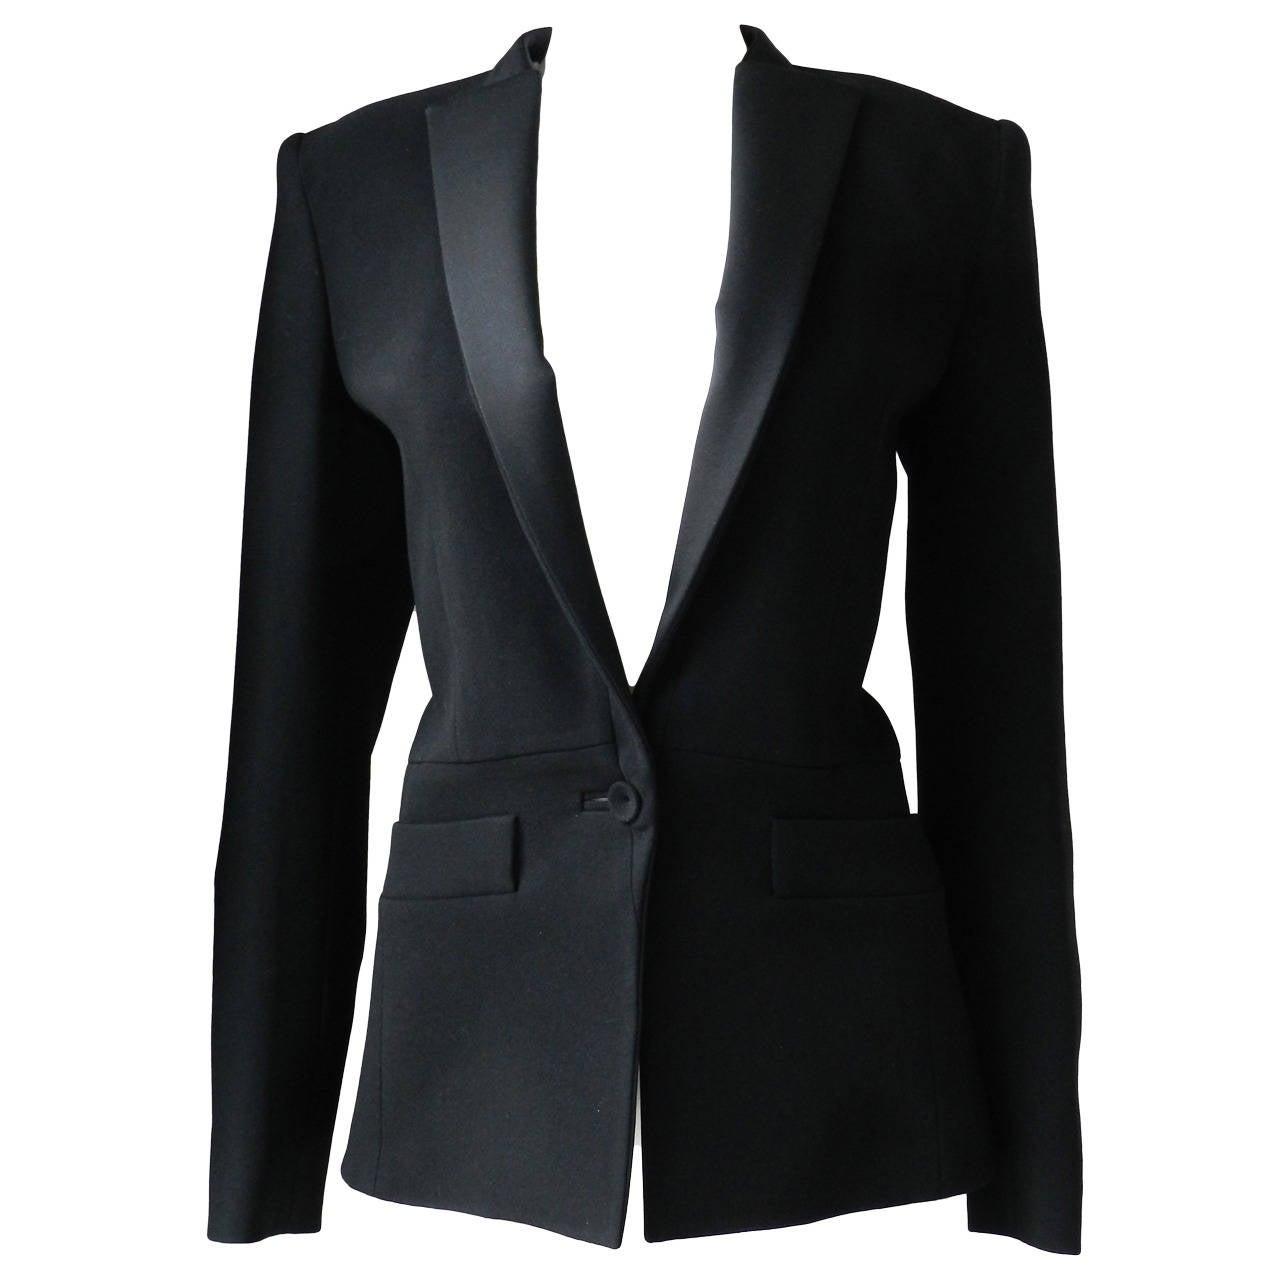 afd745681e9e Balenciaga Black Tuxedo Jacket at 1stdibs